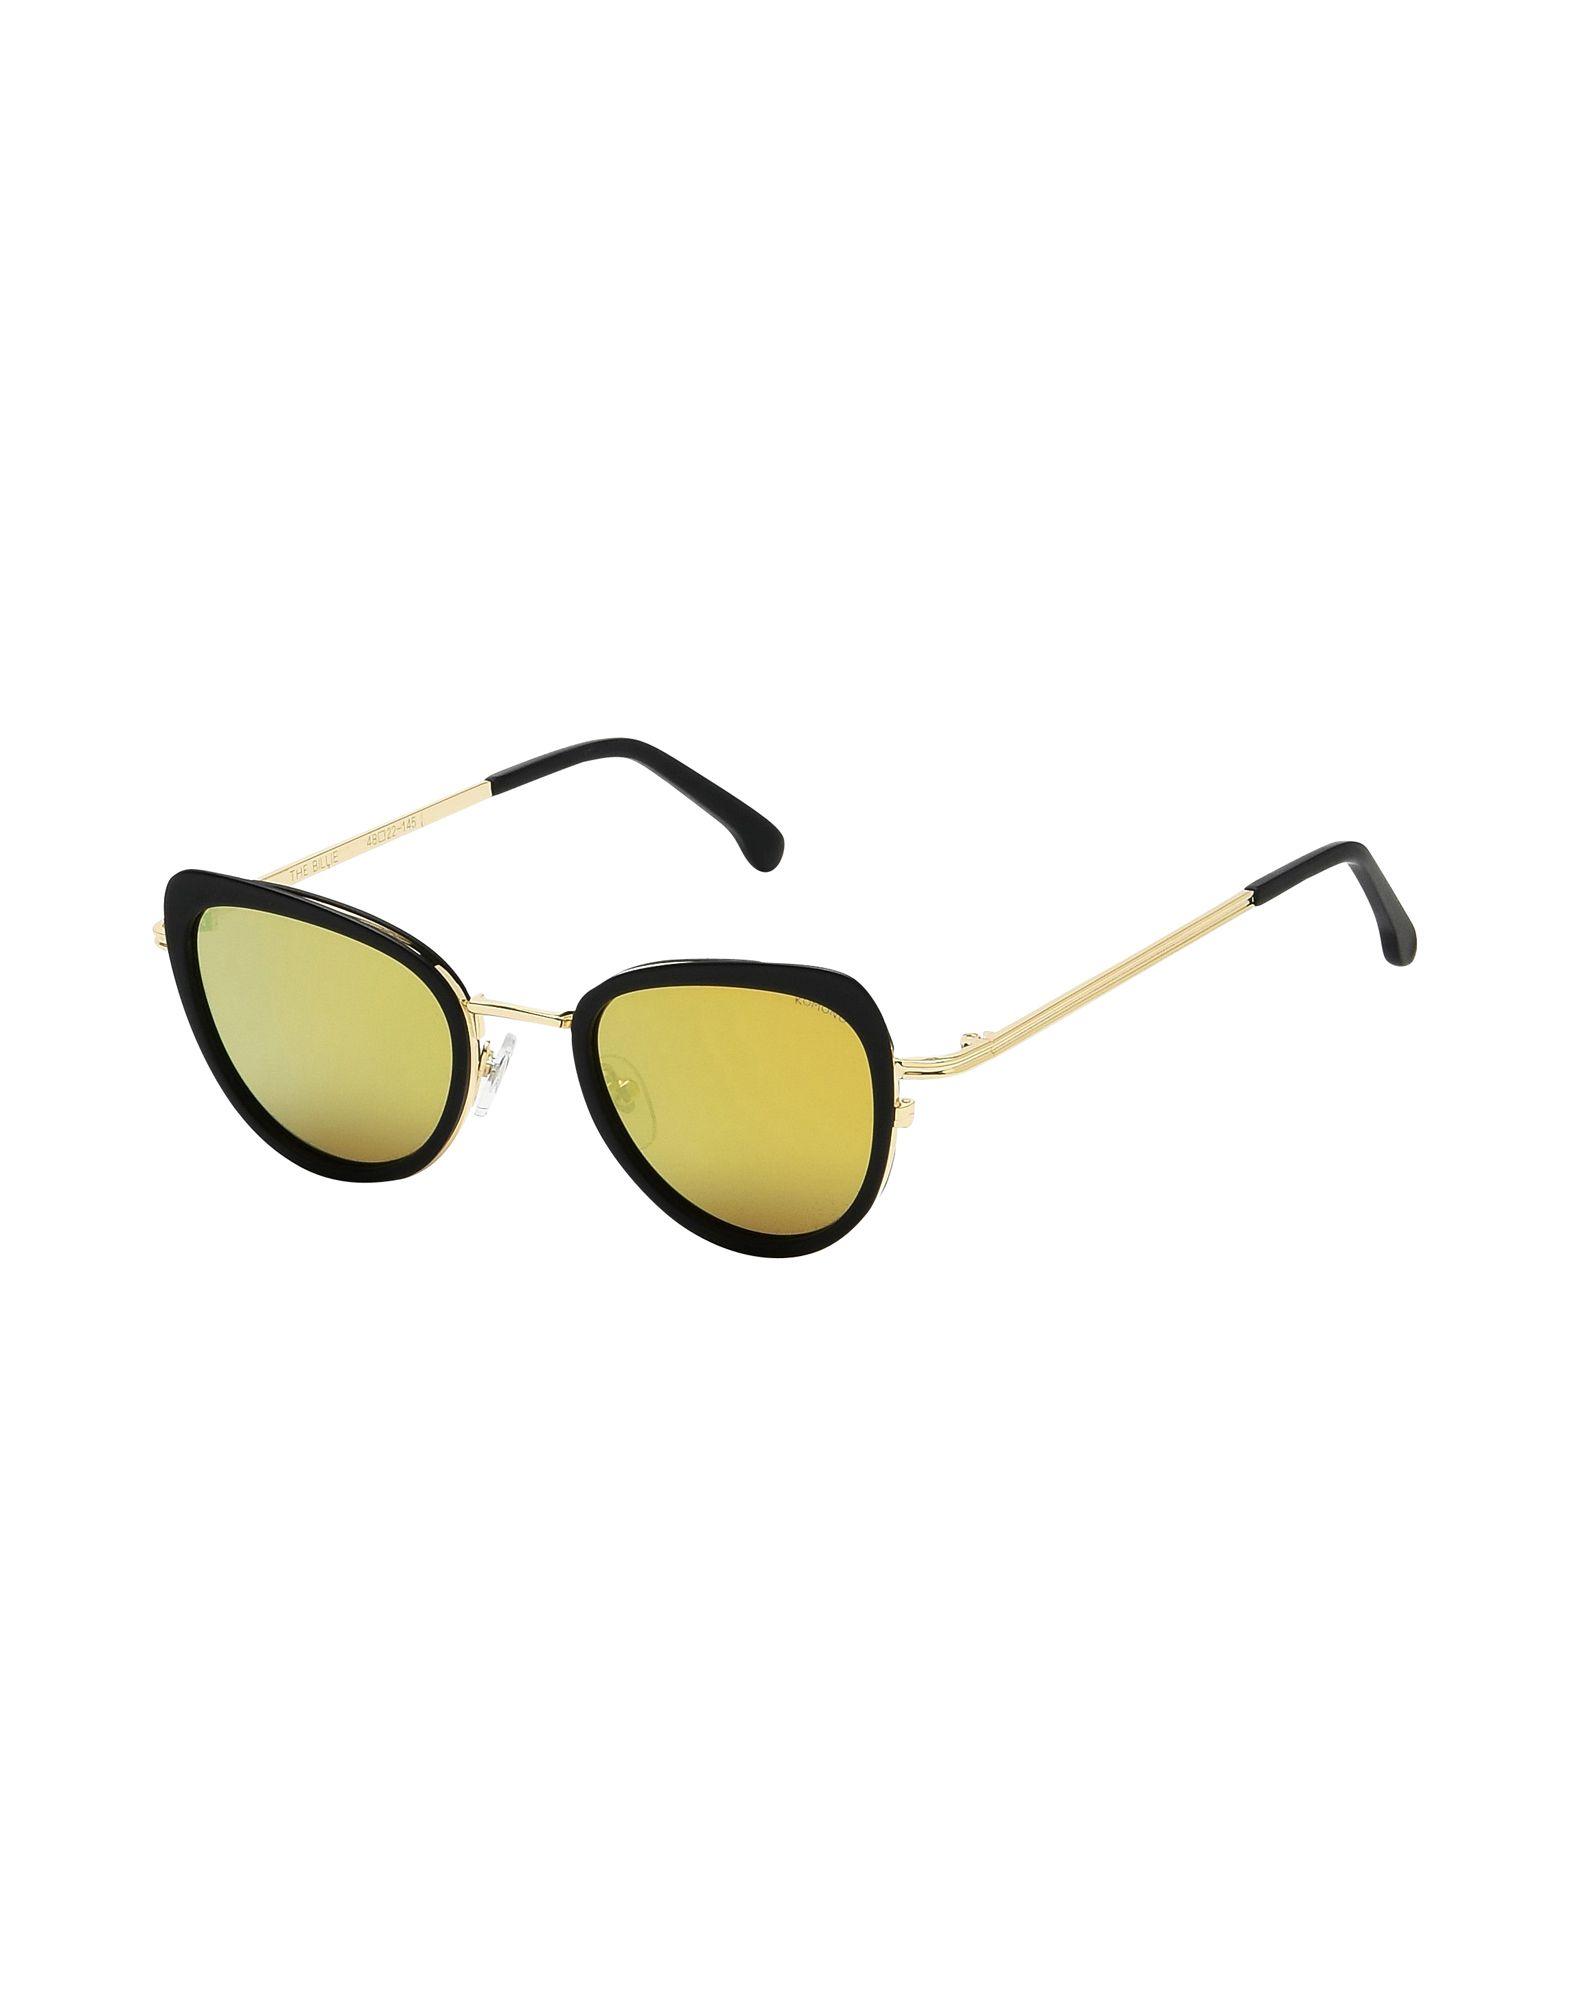 Occhiali Da Sole Komono Billie - Black Gold - Uomo - Acquista online su